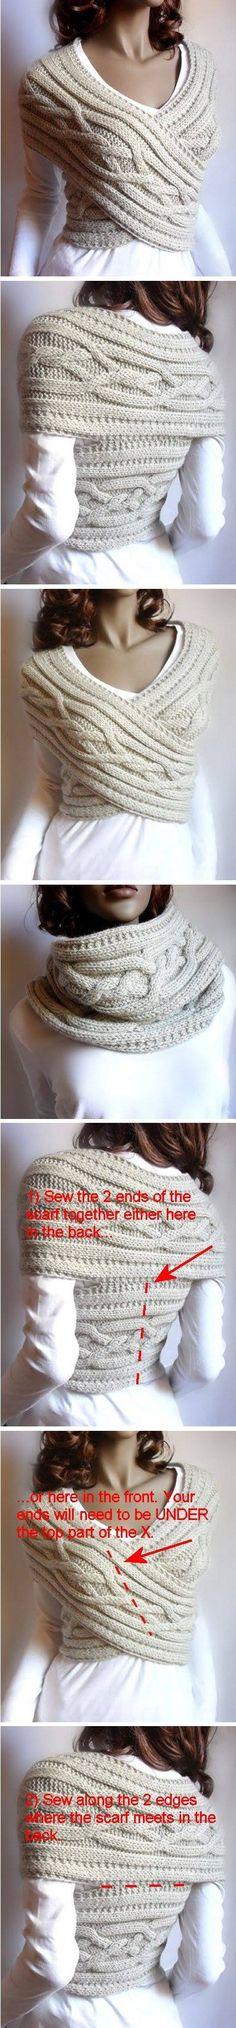 Breien - aan elkaar naaien van lange sjaal.  Patroon bij Etsy.com voor €4.